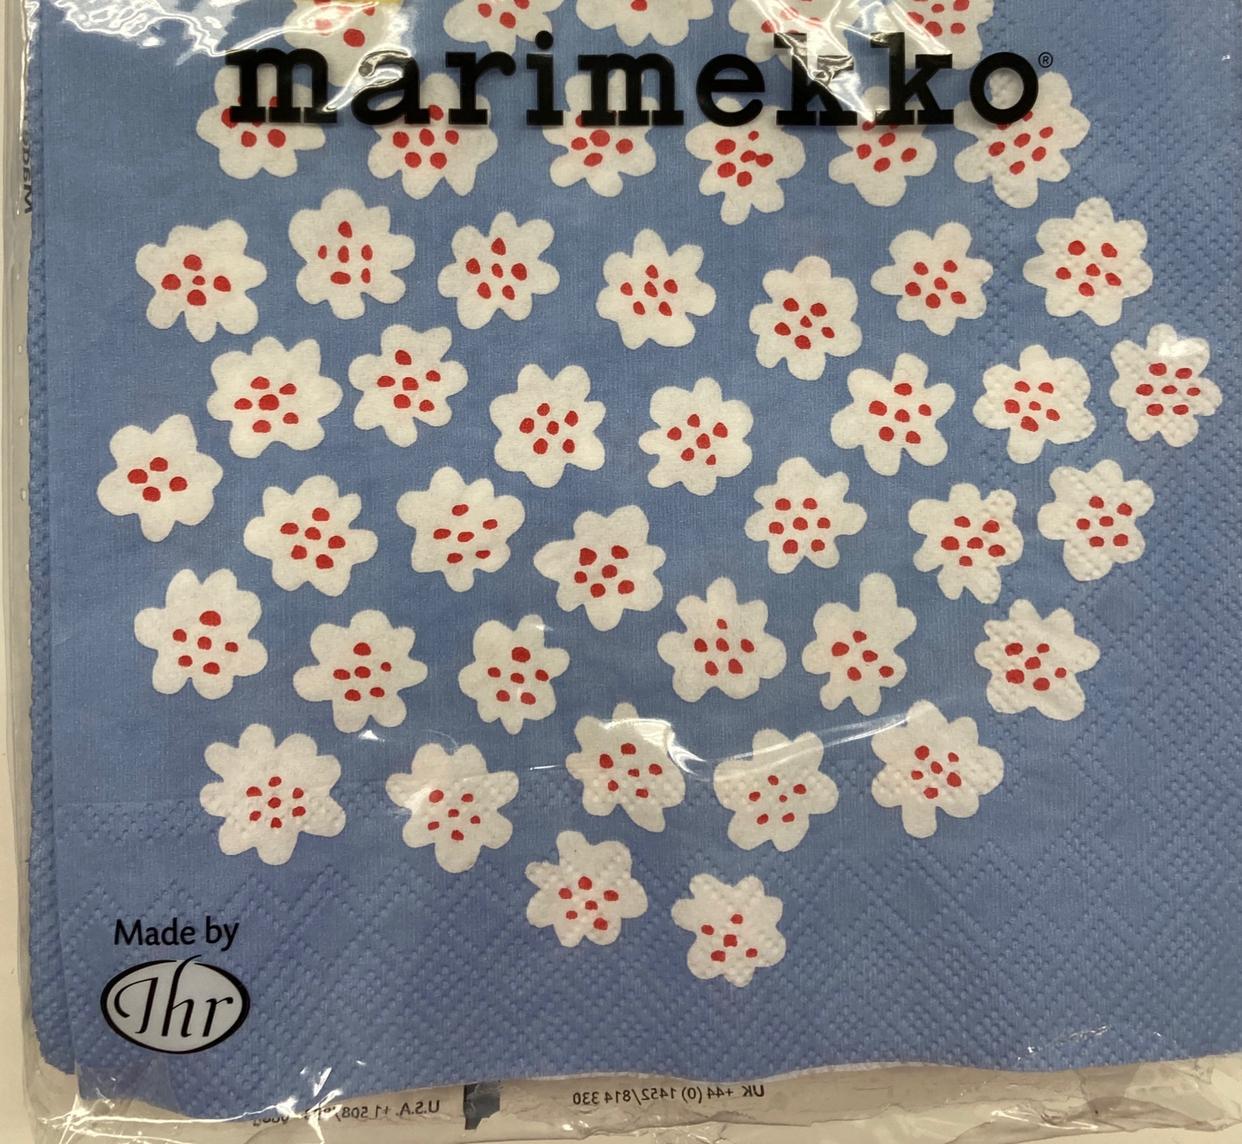 marimekko(マリメッコ)ペーパーナプキン ウニッコを使ったチャンコロさんのクチコミ画像1